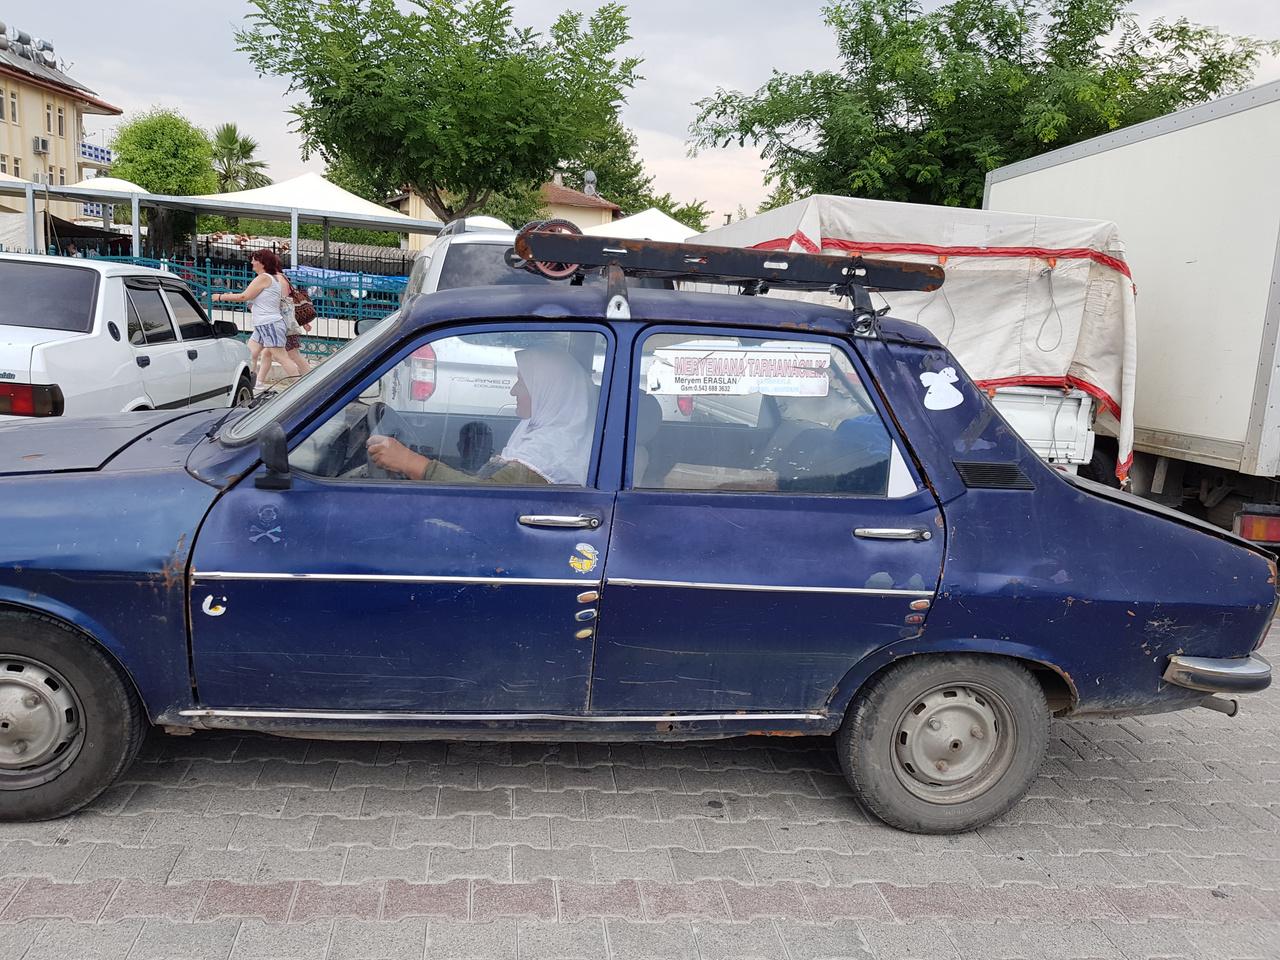 ...és ezzel közlekednek 1. Nem, nem Dacia, Renault 12-vel viszi az asszony a portékát a hetente, keddenként megrendezendő óriási utcai bazárba Fethiyében. A Tofaşok mellett ezek a másik matuzsálemi korban lévő túlélők, itt-ott felbukkan néhány Lada Samara is